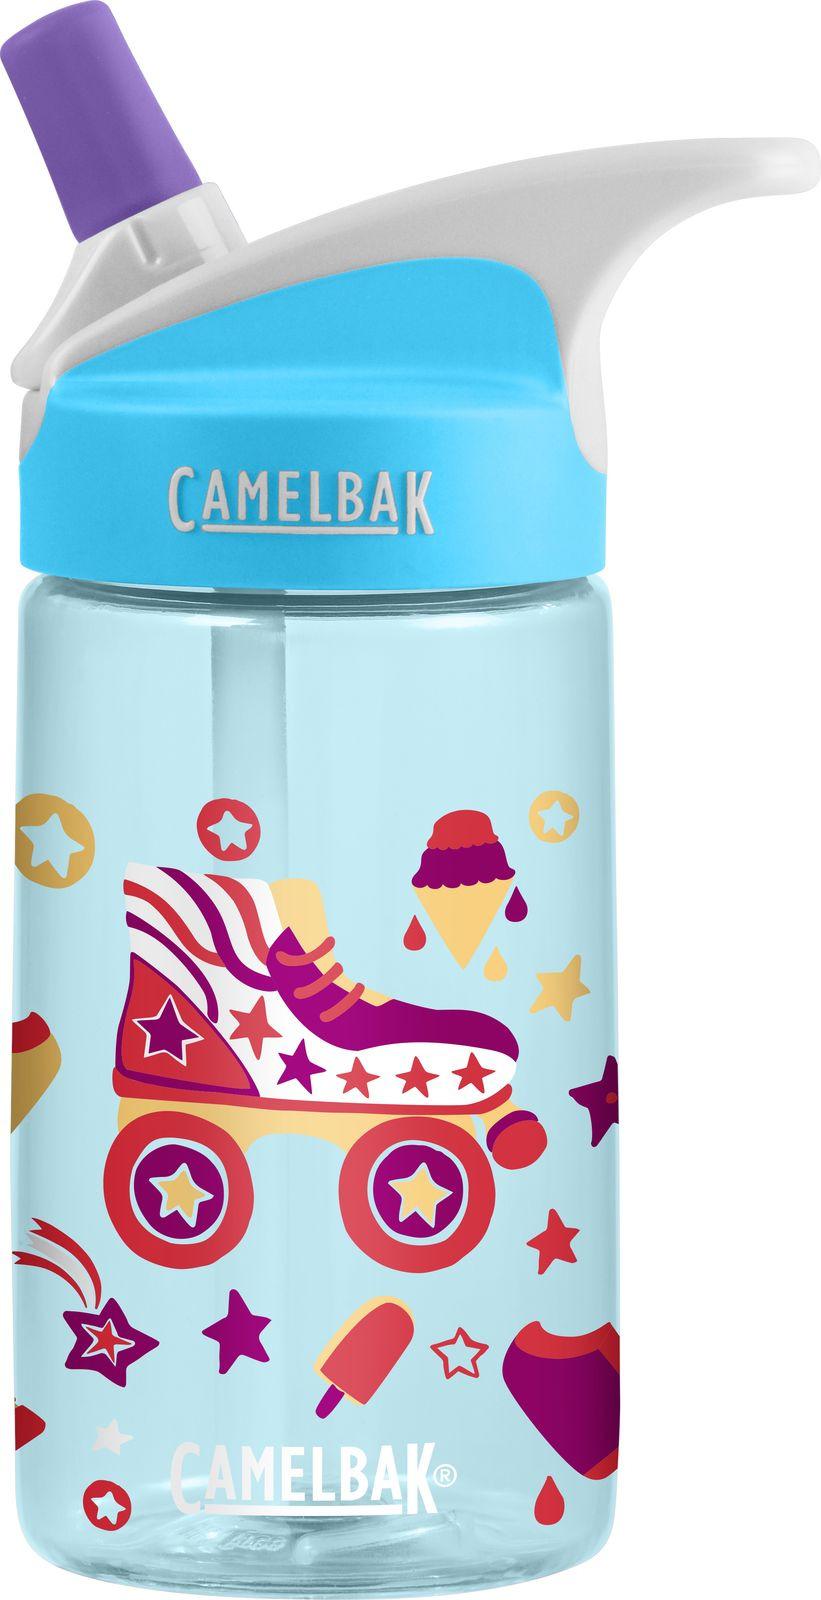 Бутылка для воды Camelbak Eddy Kids Roller Skates, 1579403140, разноцветный, 400 мл